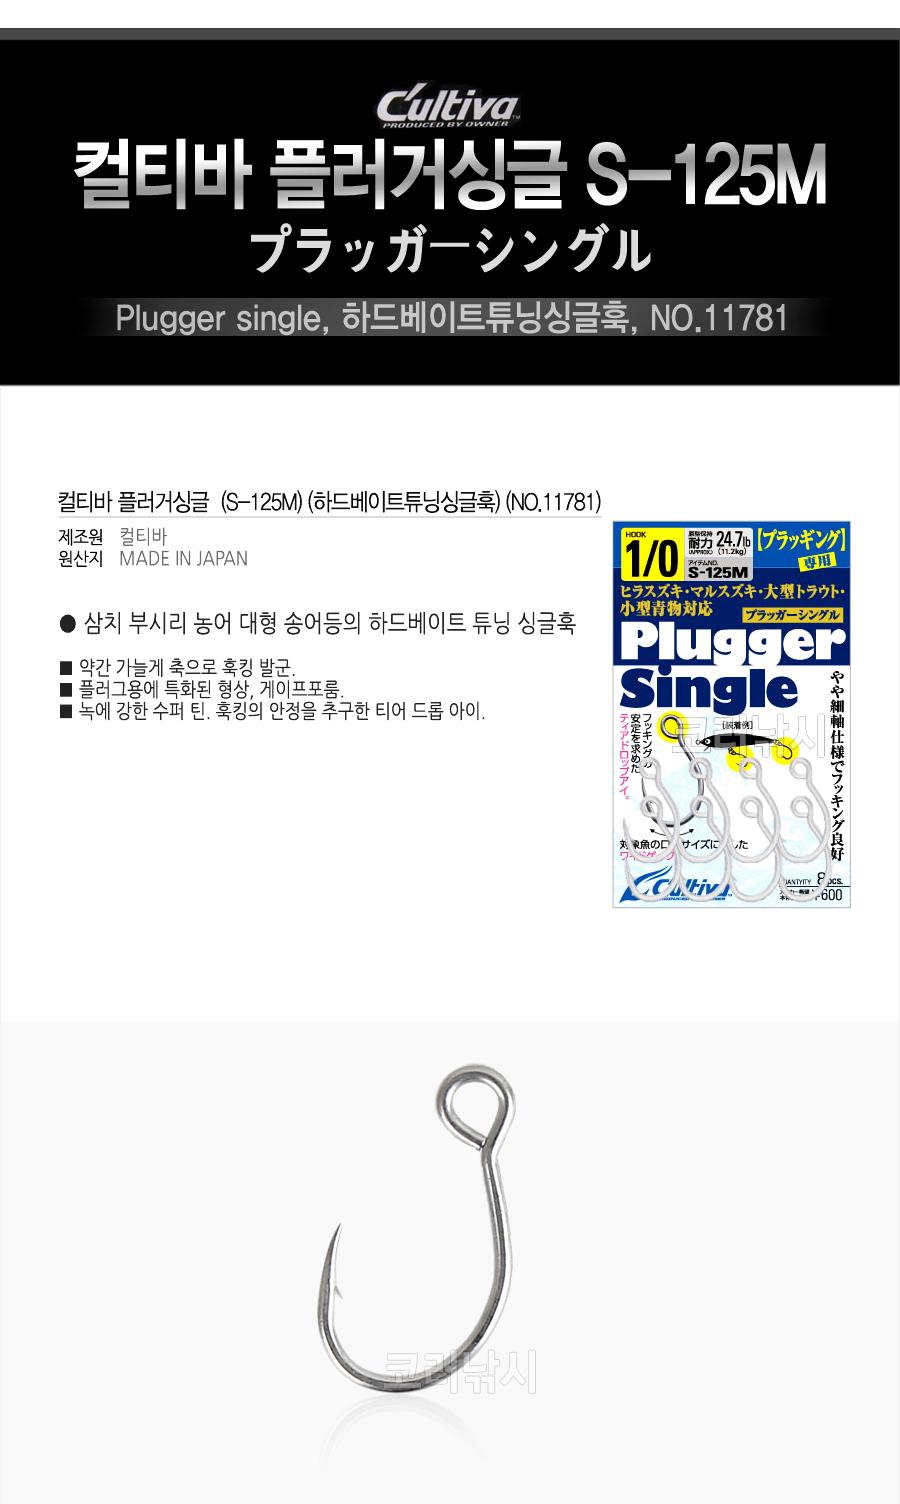 컬티바 플러거싱글 Plugger single S-125M 하드베이트튜닝싱글훅  삼치 부시리 농어미노우튜닝 메탈튜닝훅 11781 씨배스